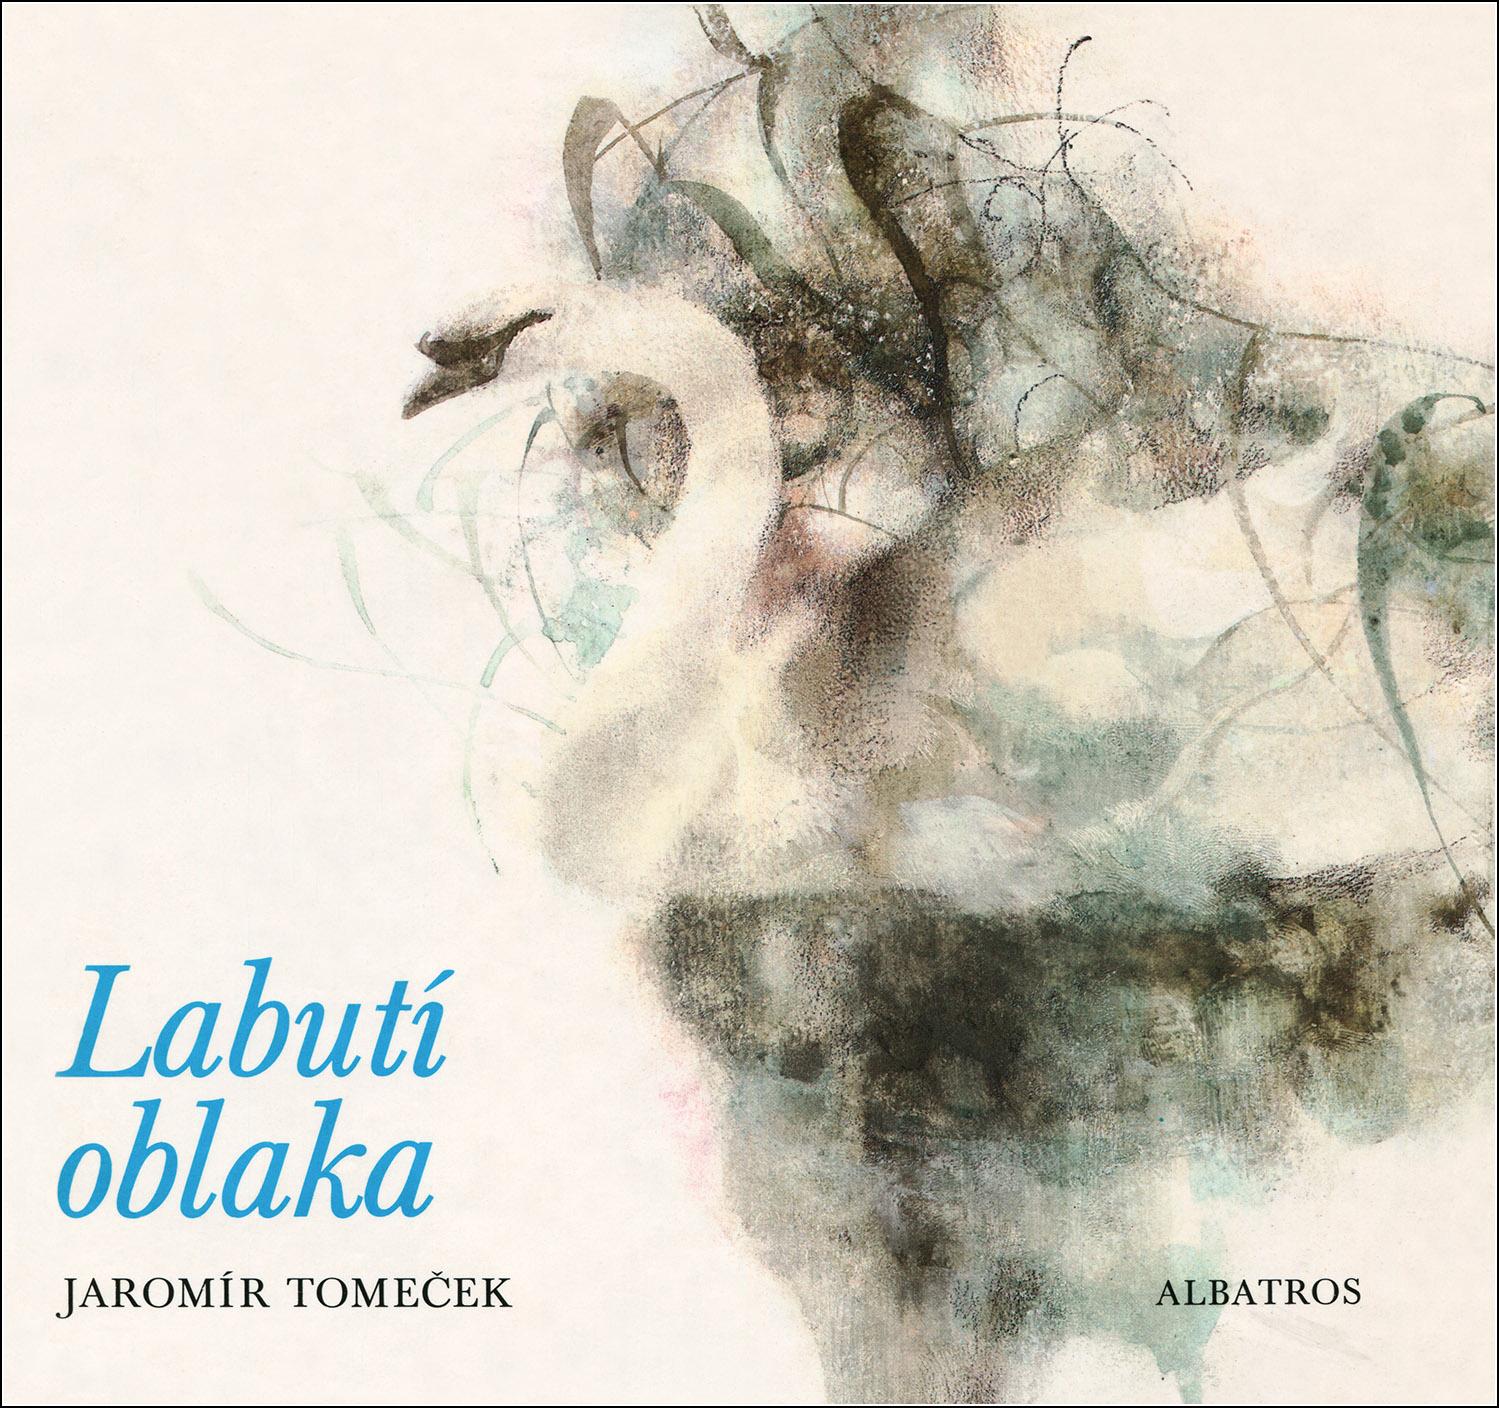 Zdeněk Brdlík, Labutí oblaka